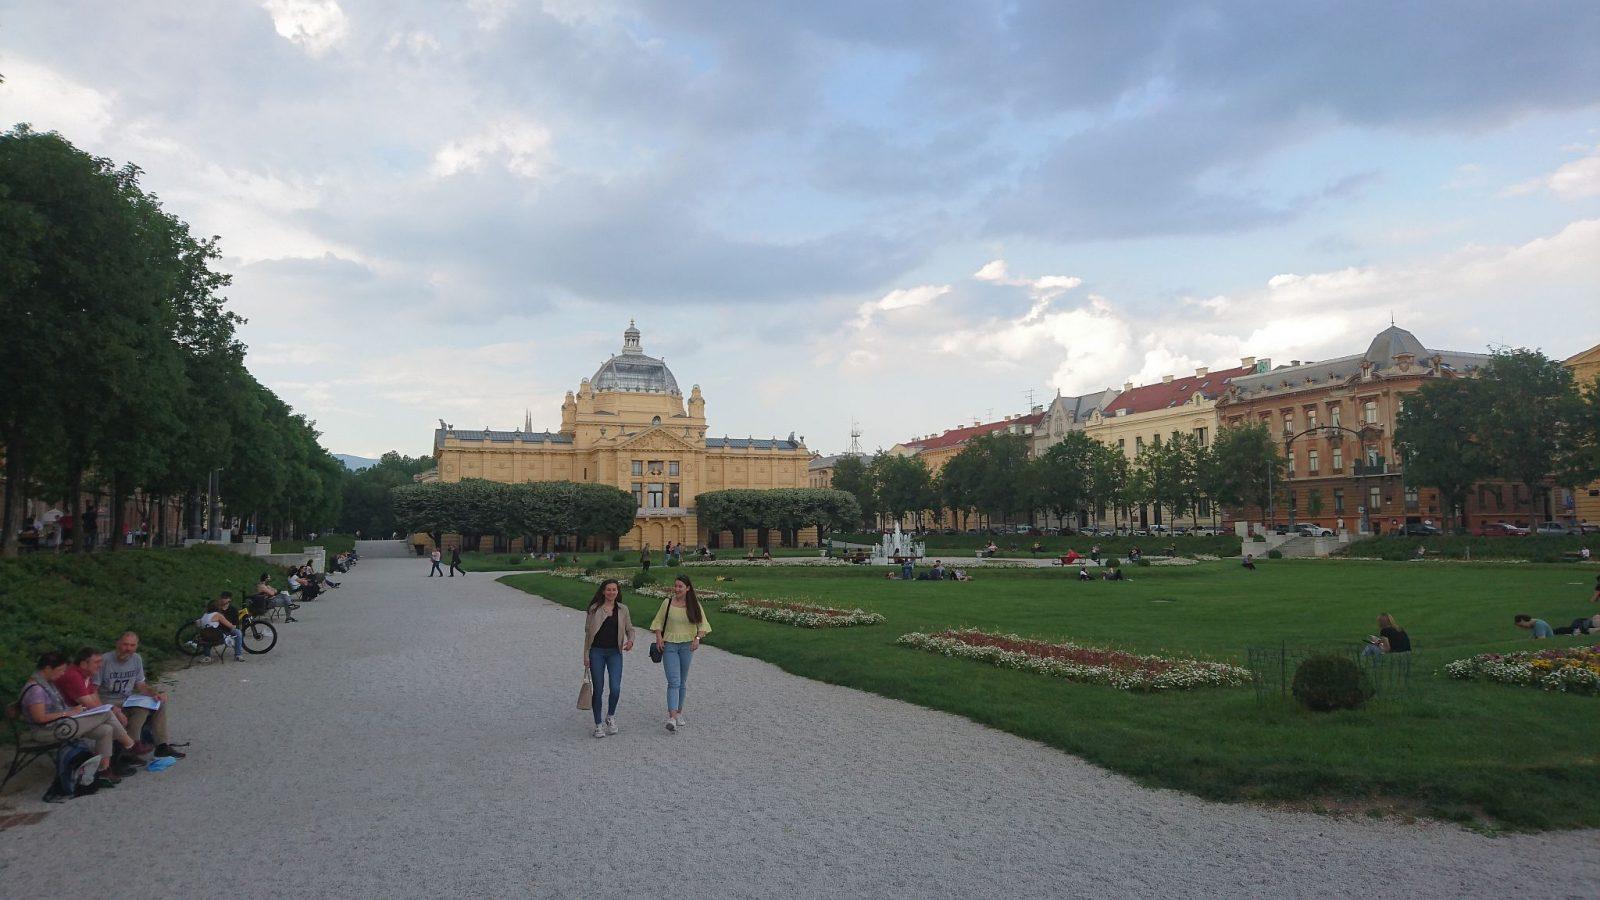 Der König-Tomislava-Platz mit dem Springbrunnen in der Mitte und dem Kunstpavillon (Museum) im Hintergrund.